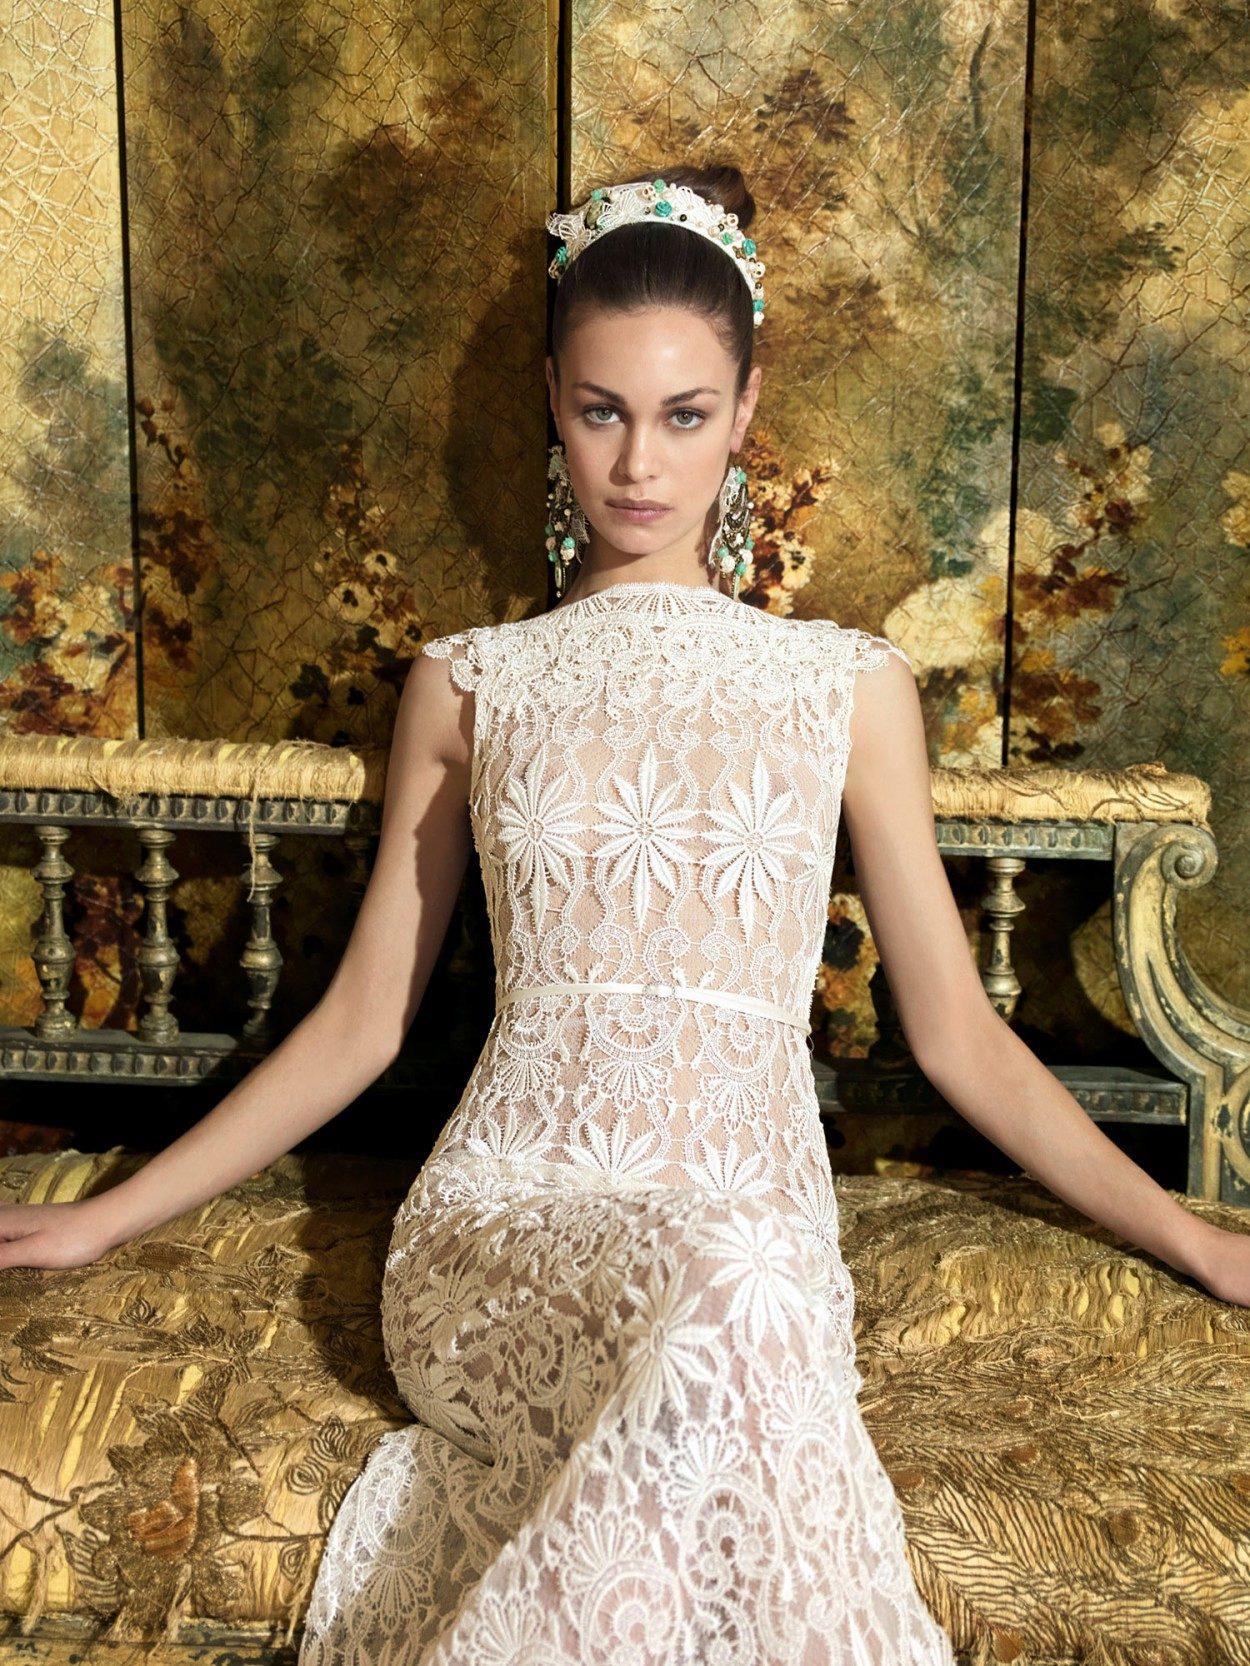 Их изысканная и сдержанная легкость наилучшим образом подойдет для свадебного платья. Девушкам, не боящимся модных экспериментов